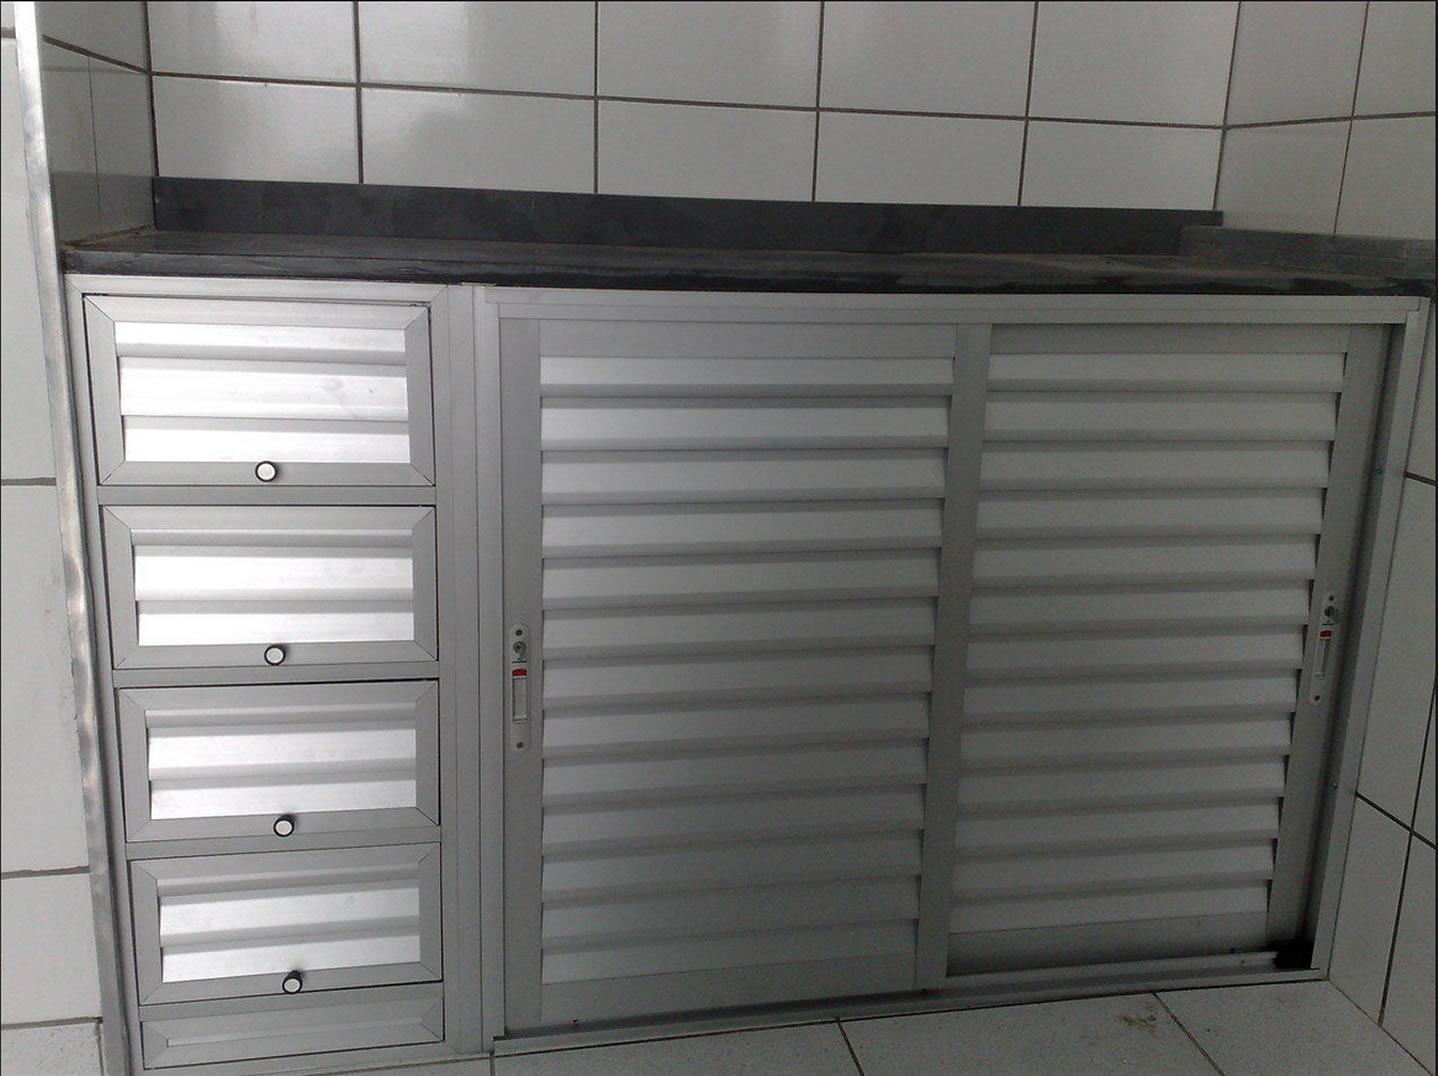 #575350 Fechamento de pia Pedrosa Esquadrias 4272 Janela Aluminio Bh